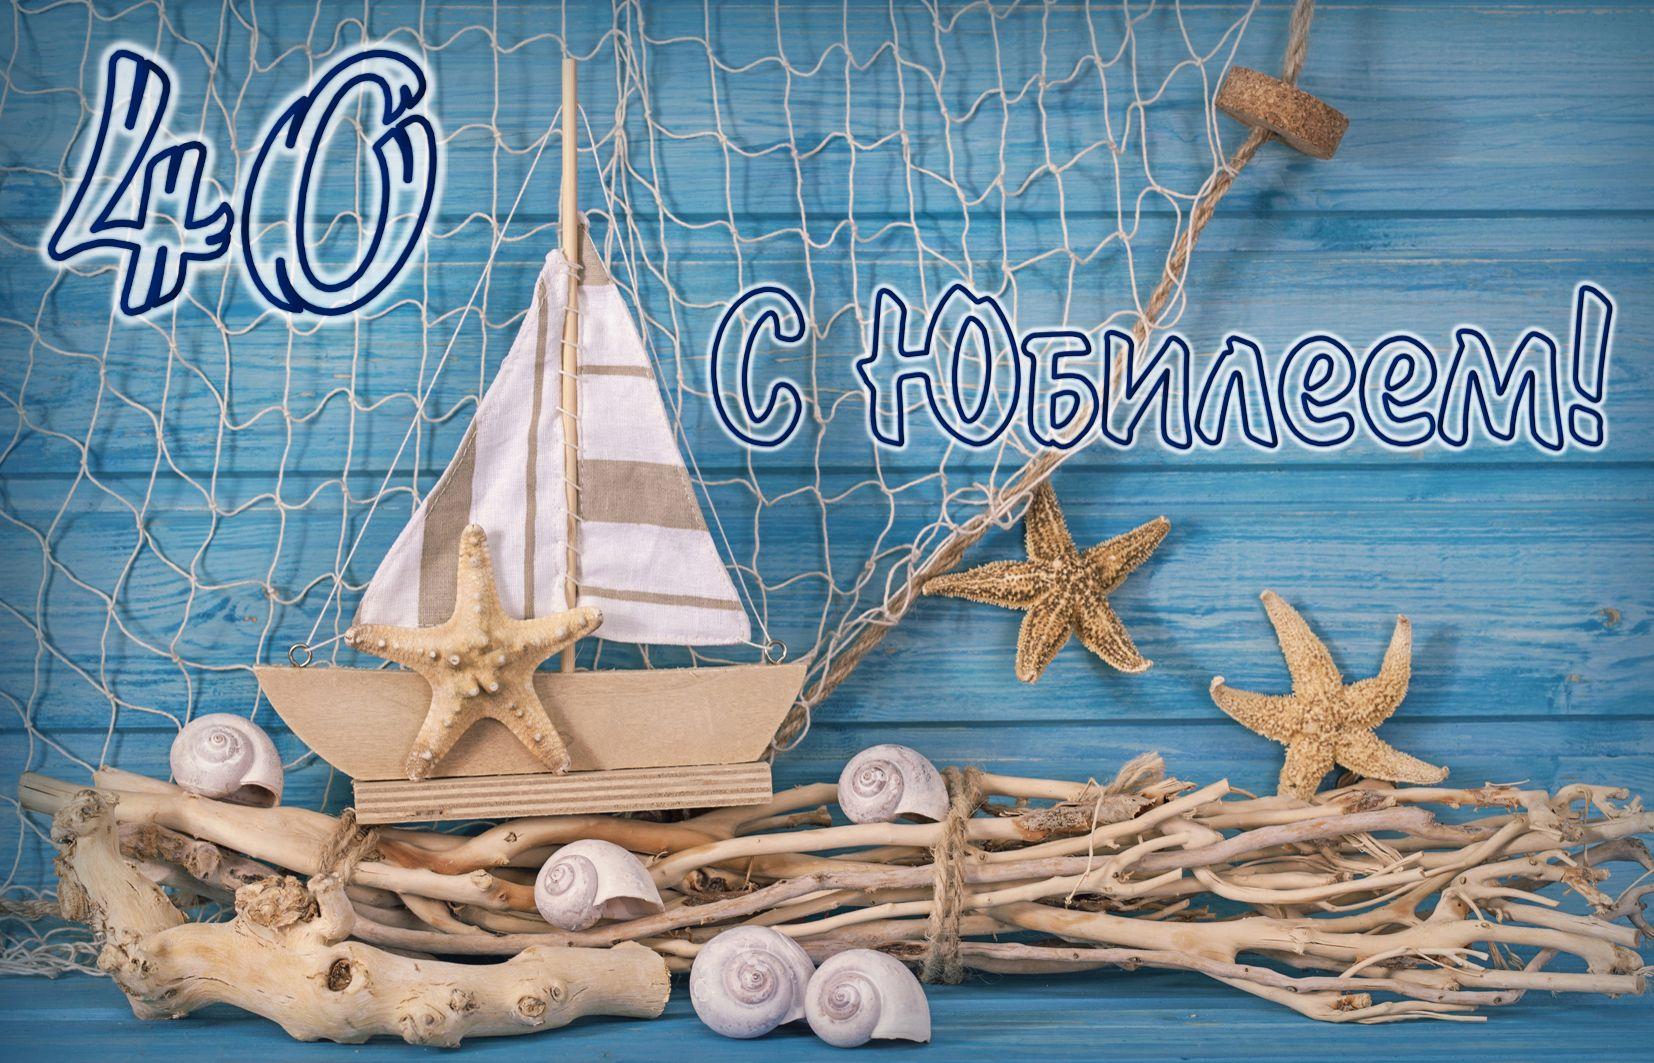 Открытка к юбилею на морскую тематику на 40 лет